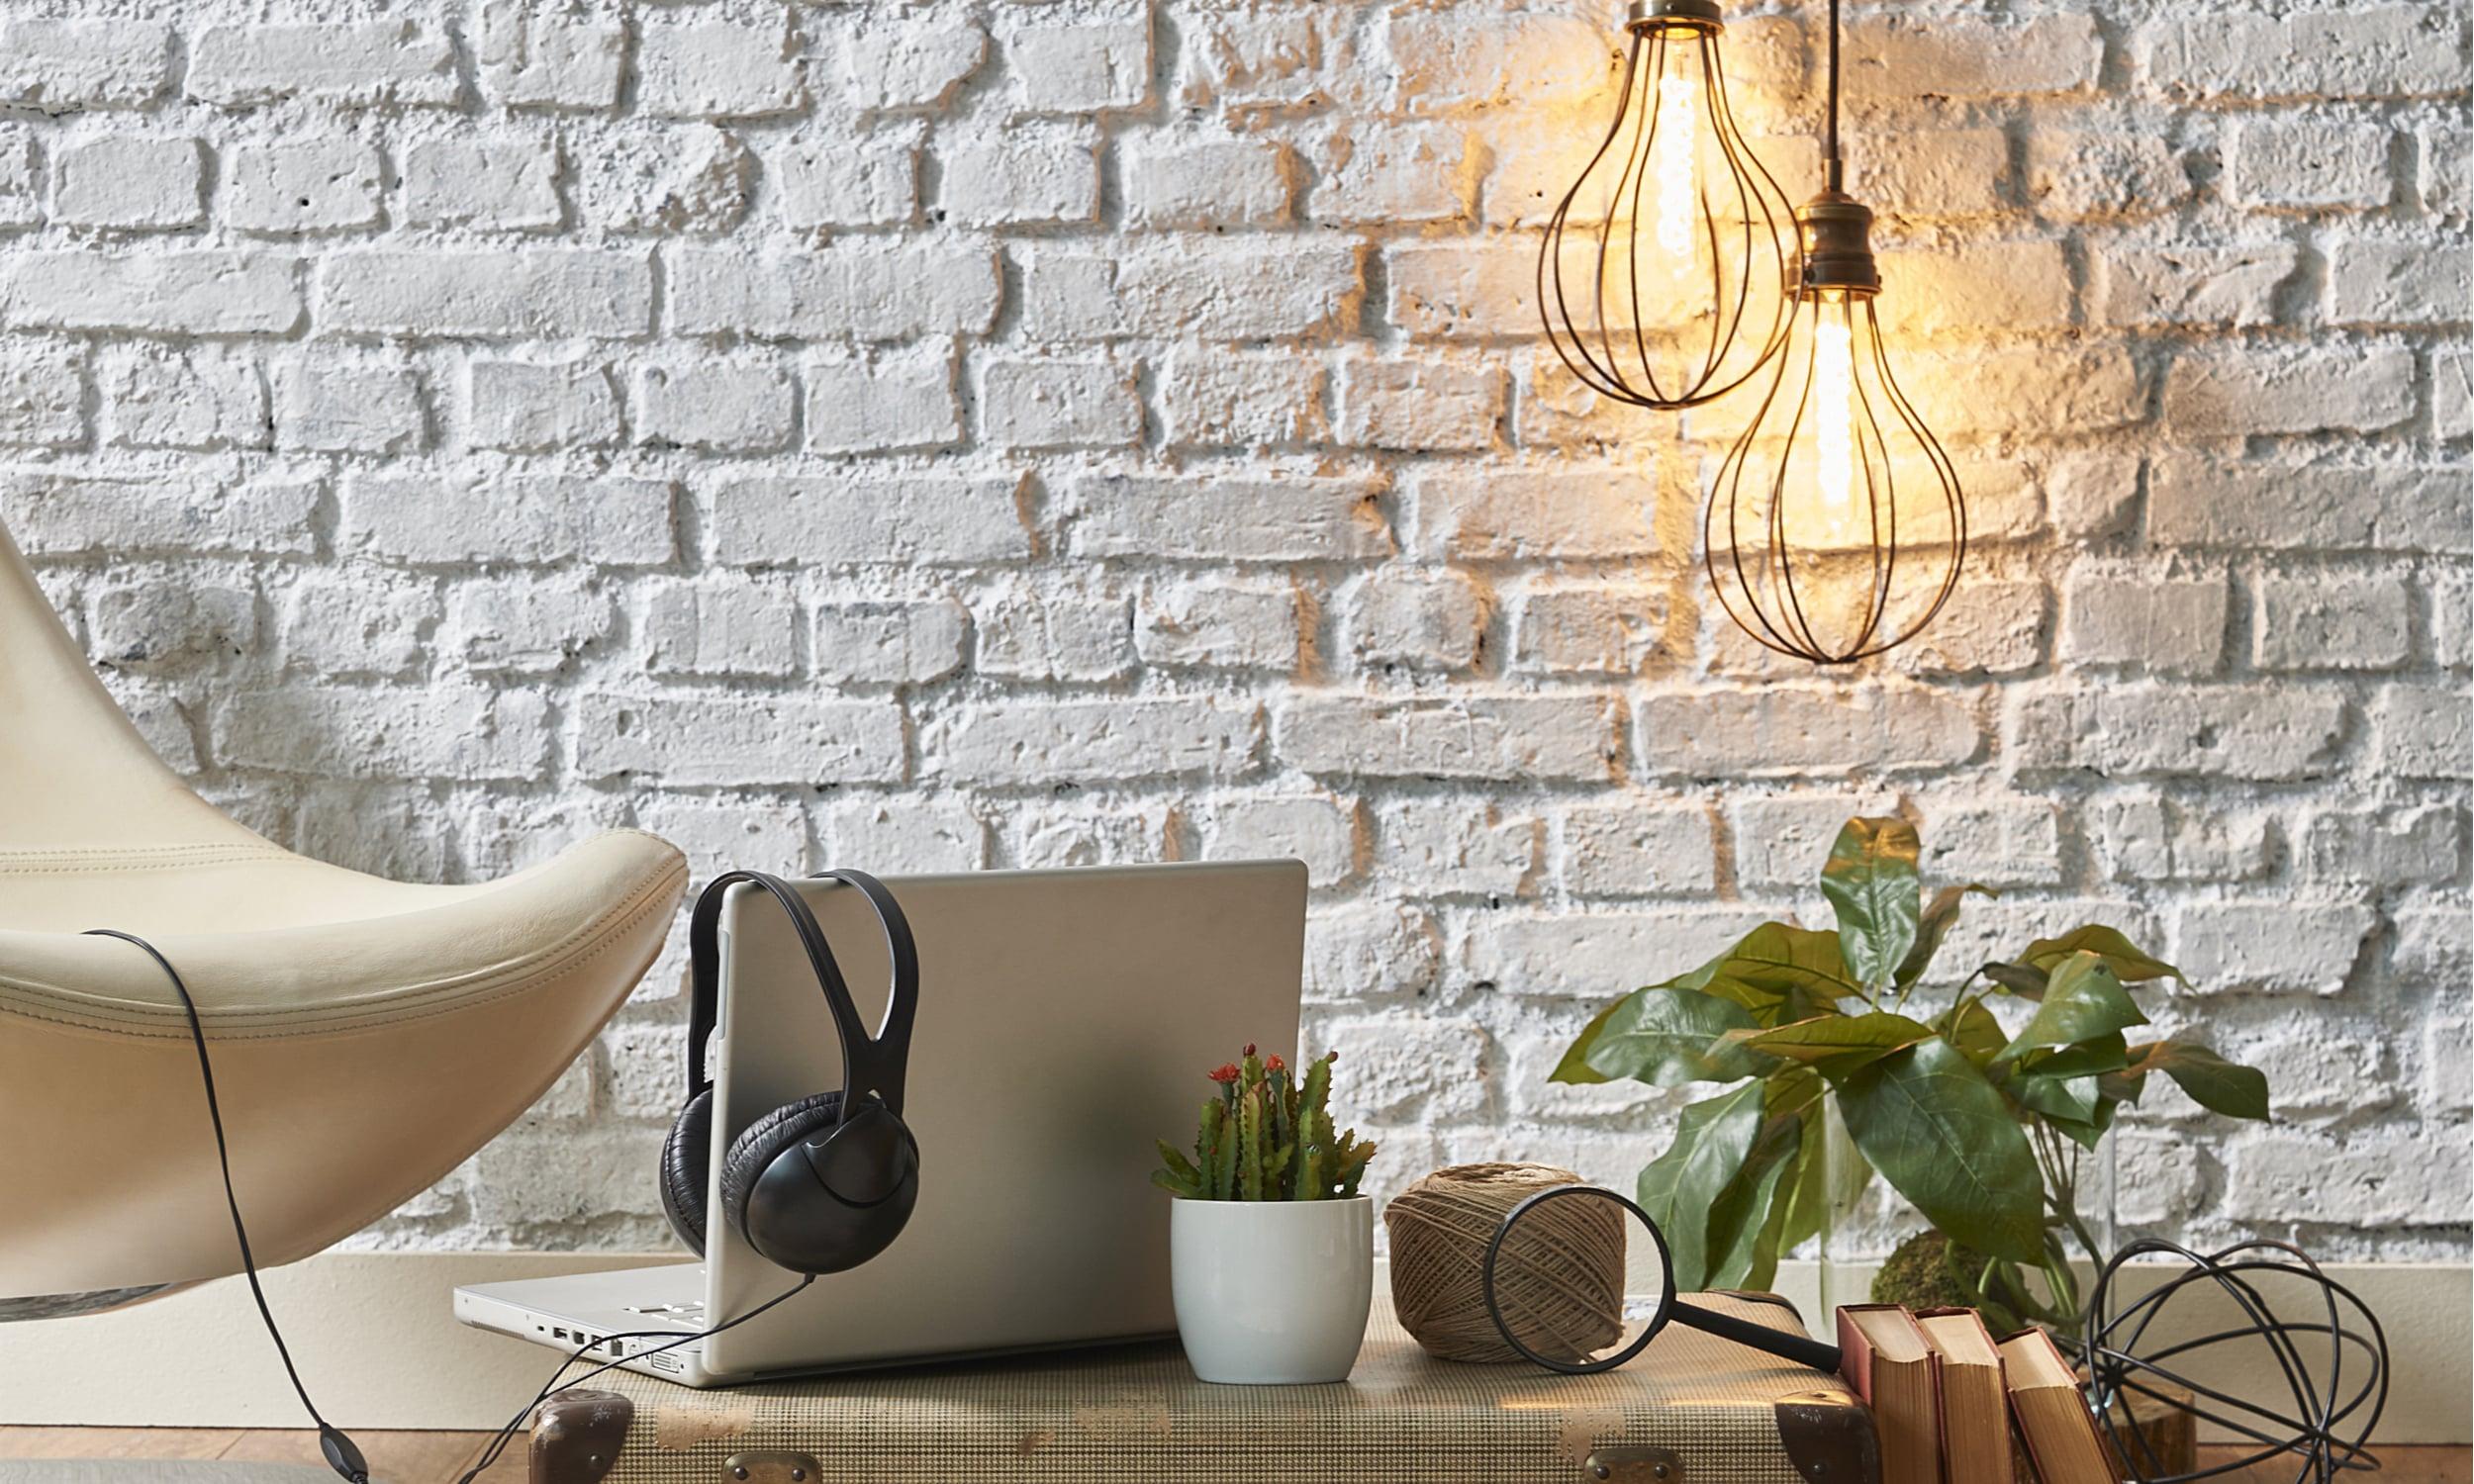 ramus ir patogus darbo kambarys su pakabinamais sviestuvais ir jaukiu dizainu